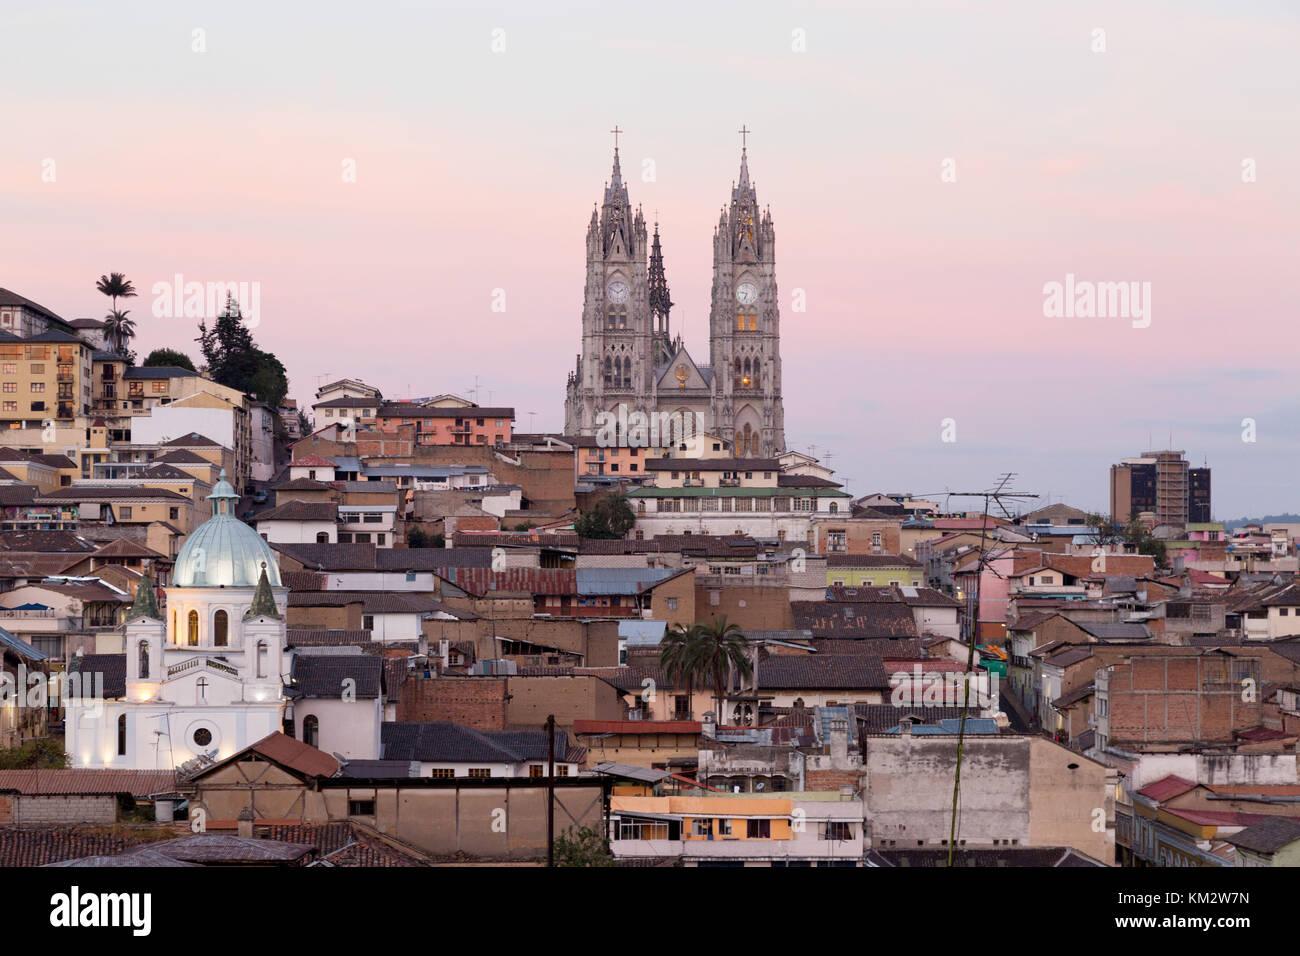 Quito Ecuador - Città vecchia skyline al tramonto con la Basilica; UNESCO World Heritage Site, Quito Ecuador Immagini Stock